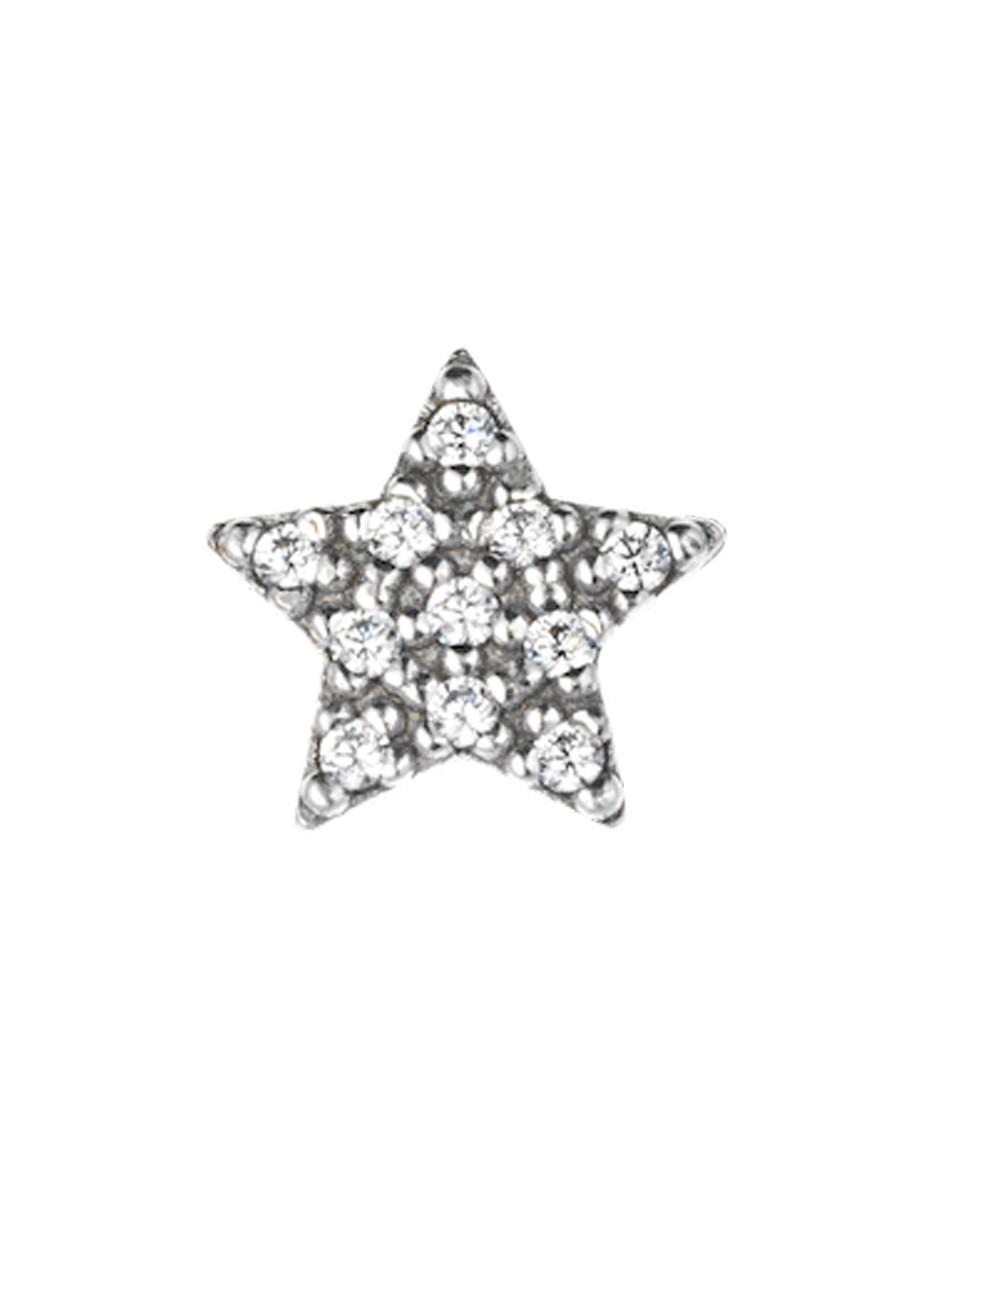 MARCELLO PANE, Elemento in Argento per gioielli componibili Stella